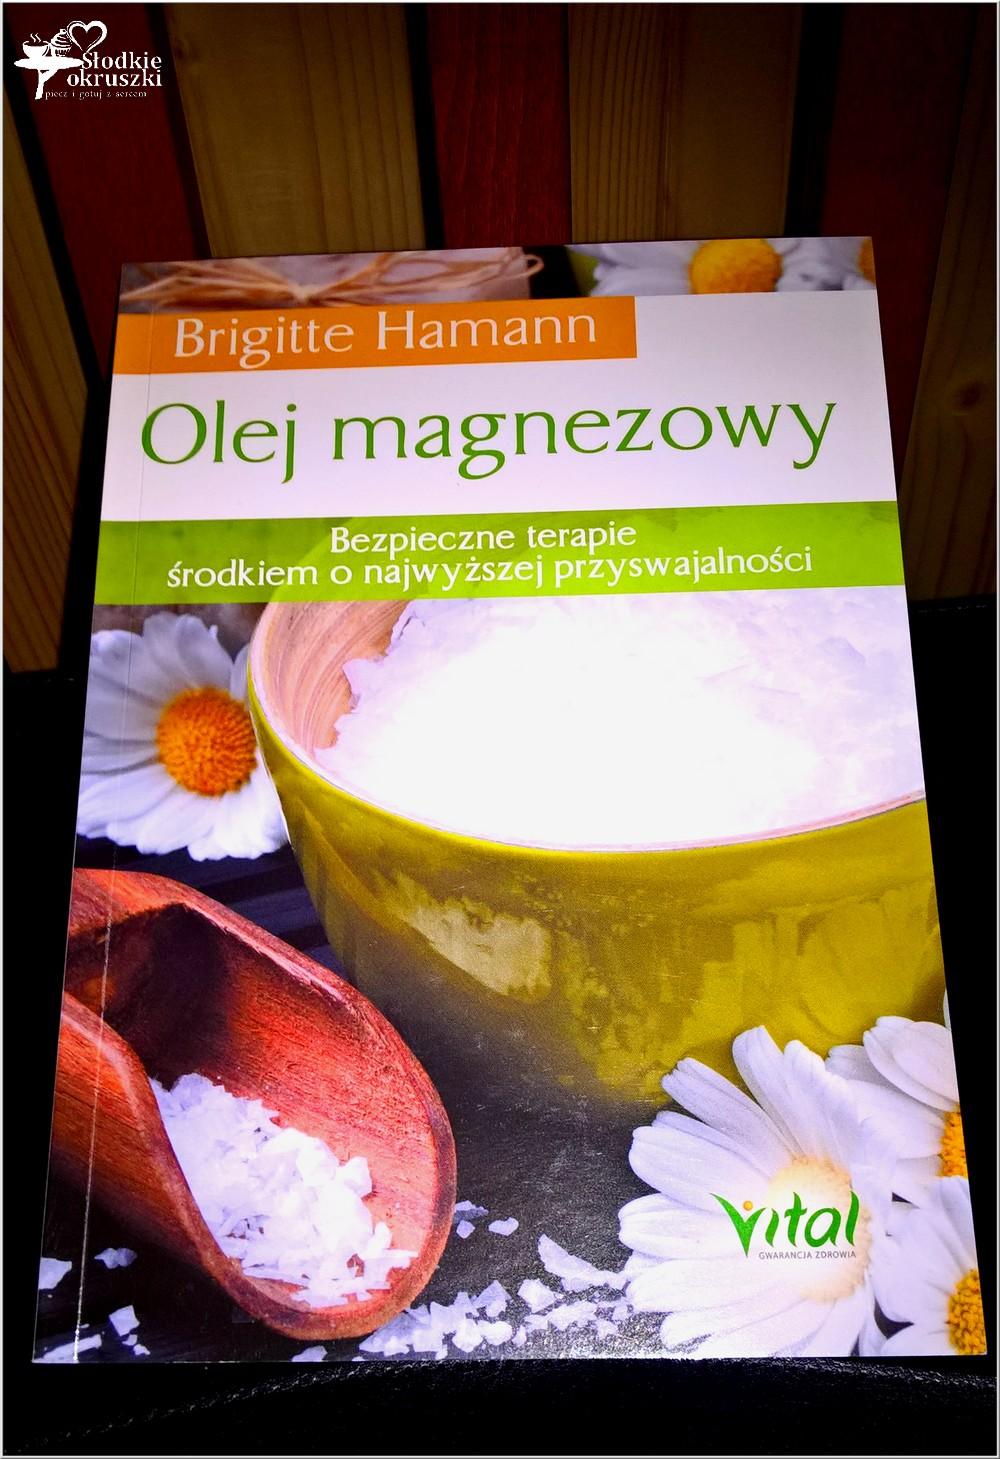 Olej magnezowy. Recenzja książki (2)